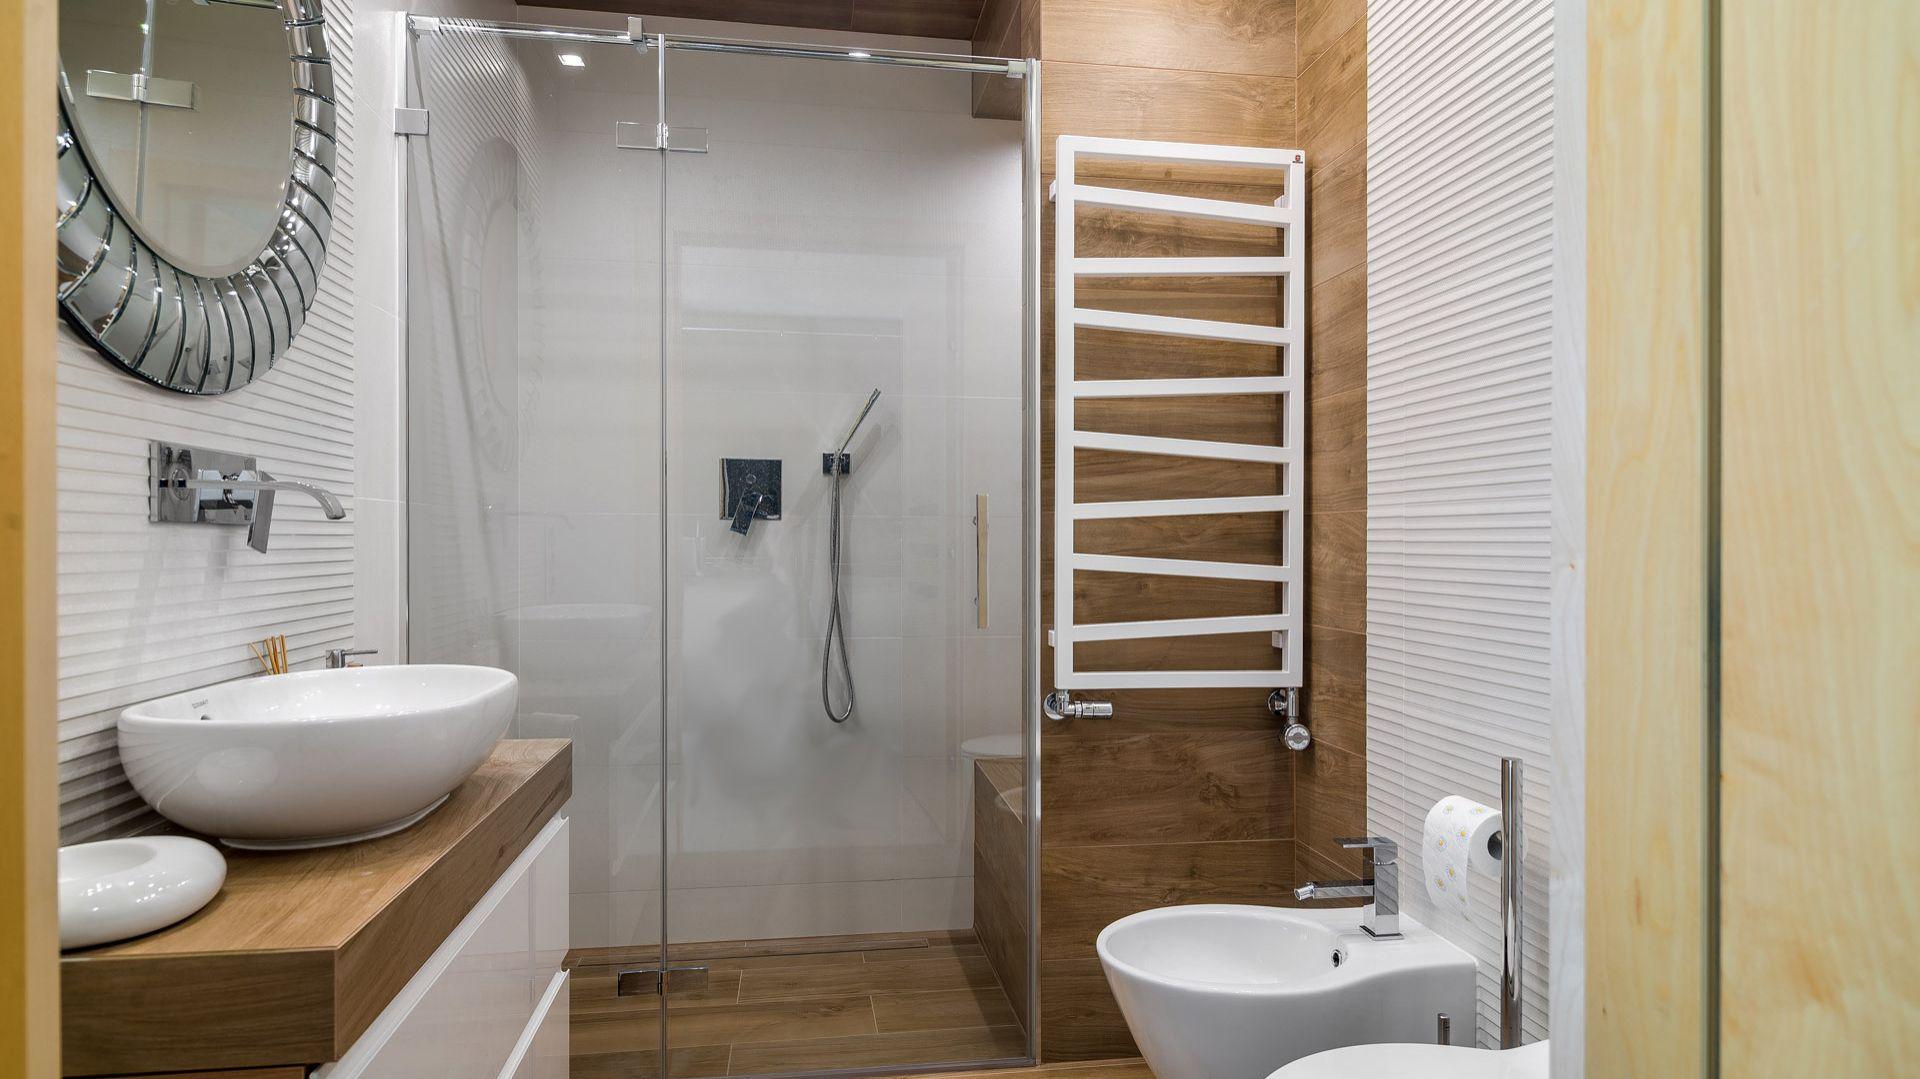 Zaplanowana na parterze łazienka, jest niewielka, dlatego na suficie umieszczone zostało lustro. Źródło: Dekorian Home. Projekt: Marta Sergiej. Fot. Wojciech Dziadosz